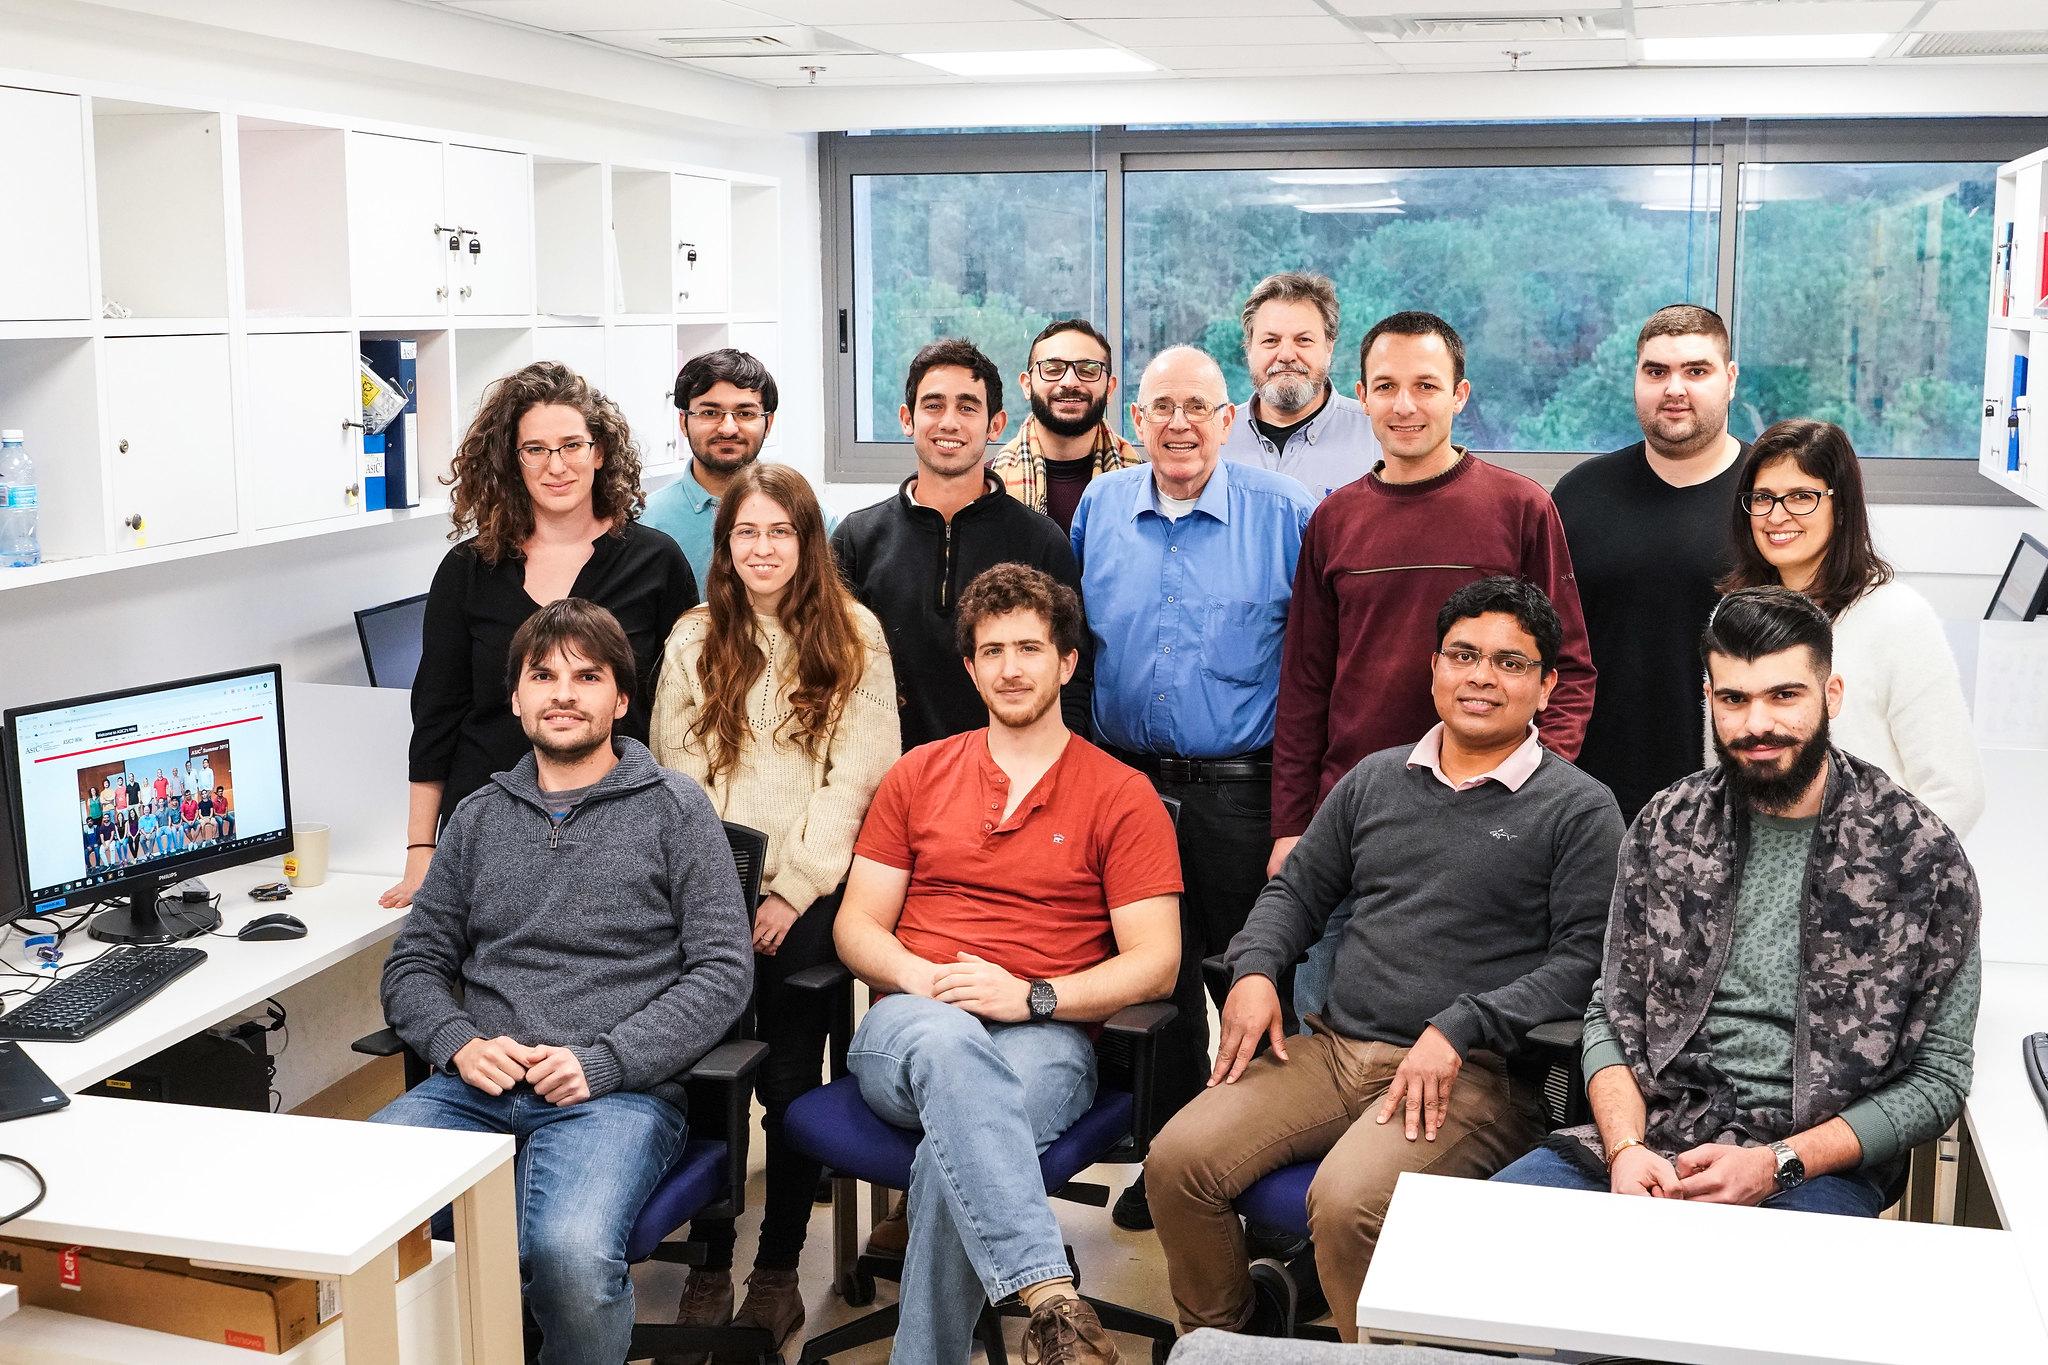 קבוצת המחקר של פרופ' שחר קוטינסקי. צילום: ניצן זוהר, דוברות הטכניון